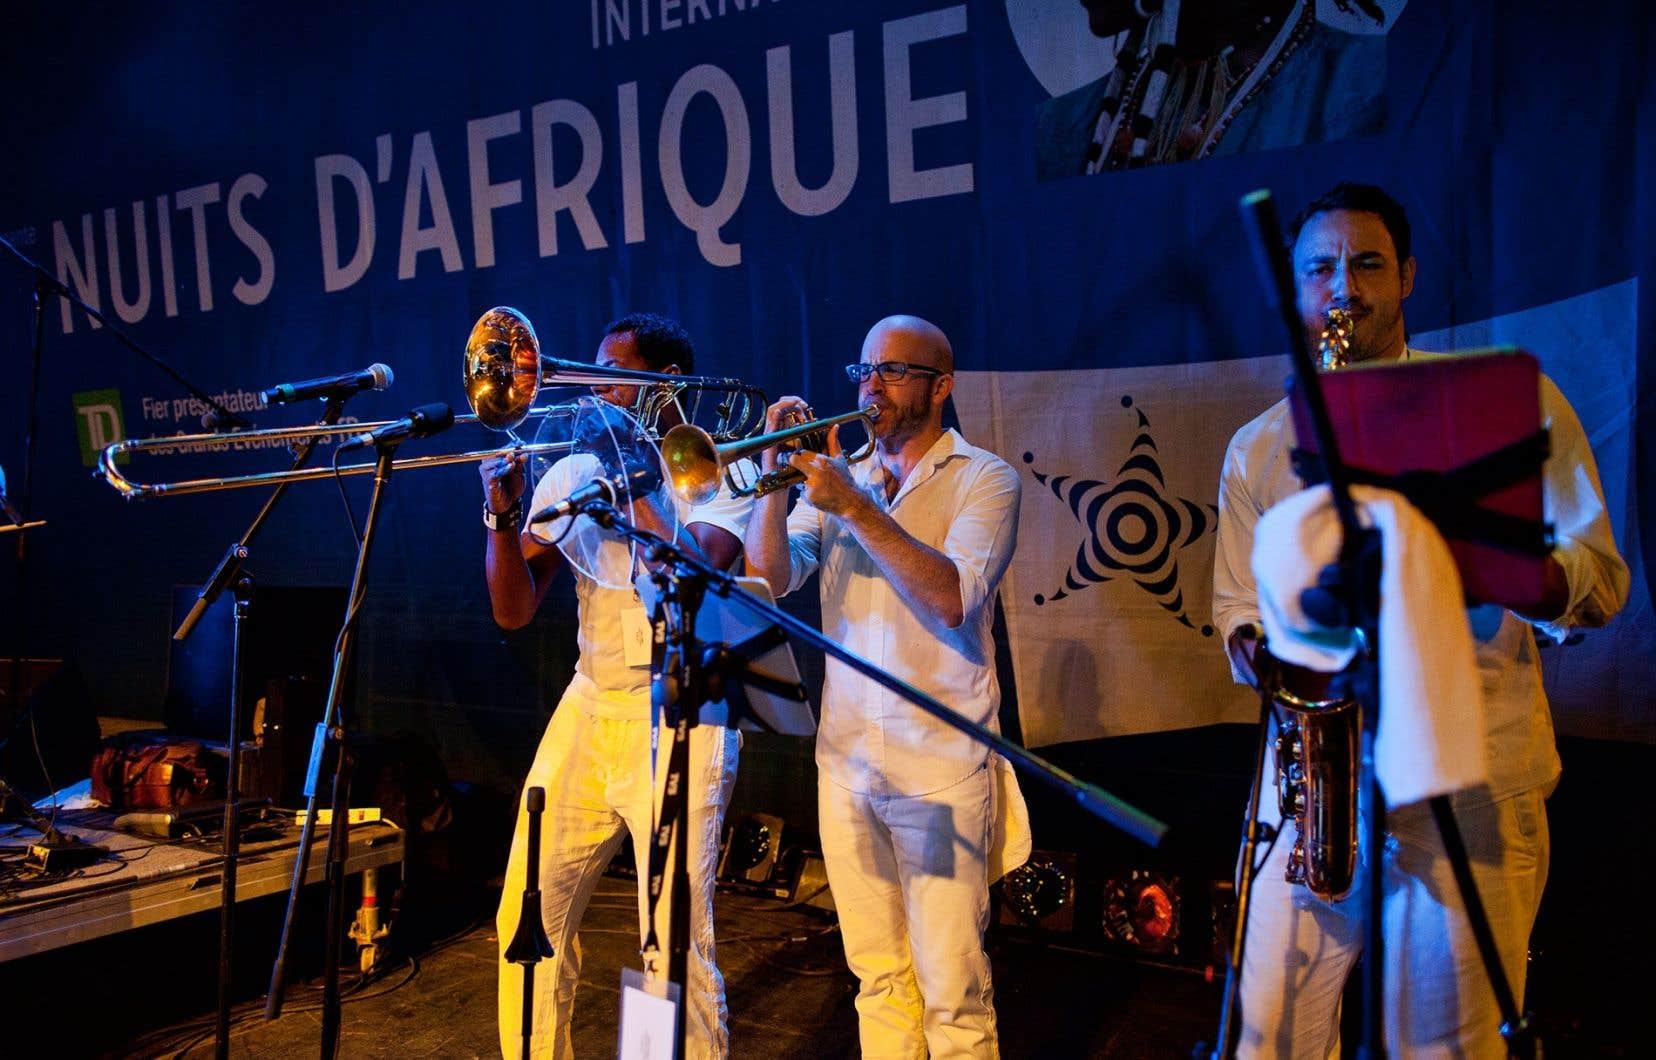 Le Festival international Nuits d'Afrique présente des artistes locaux et des prestations enregistrées des années précédentes.